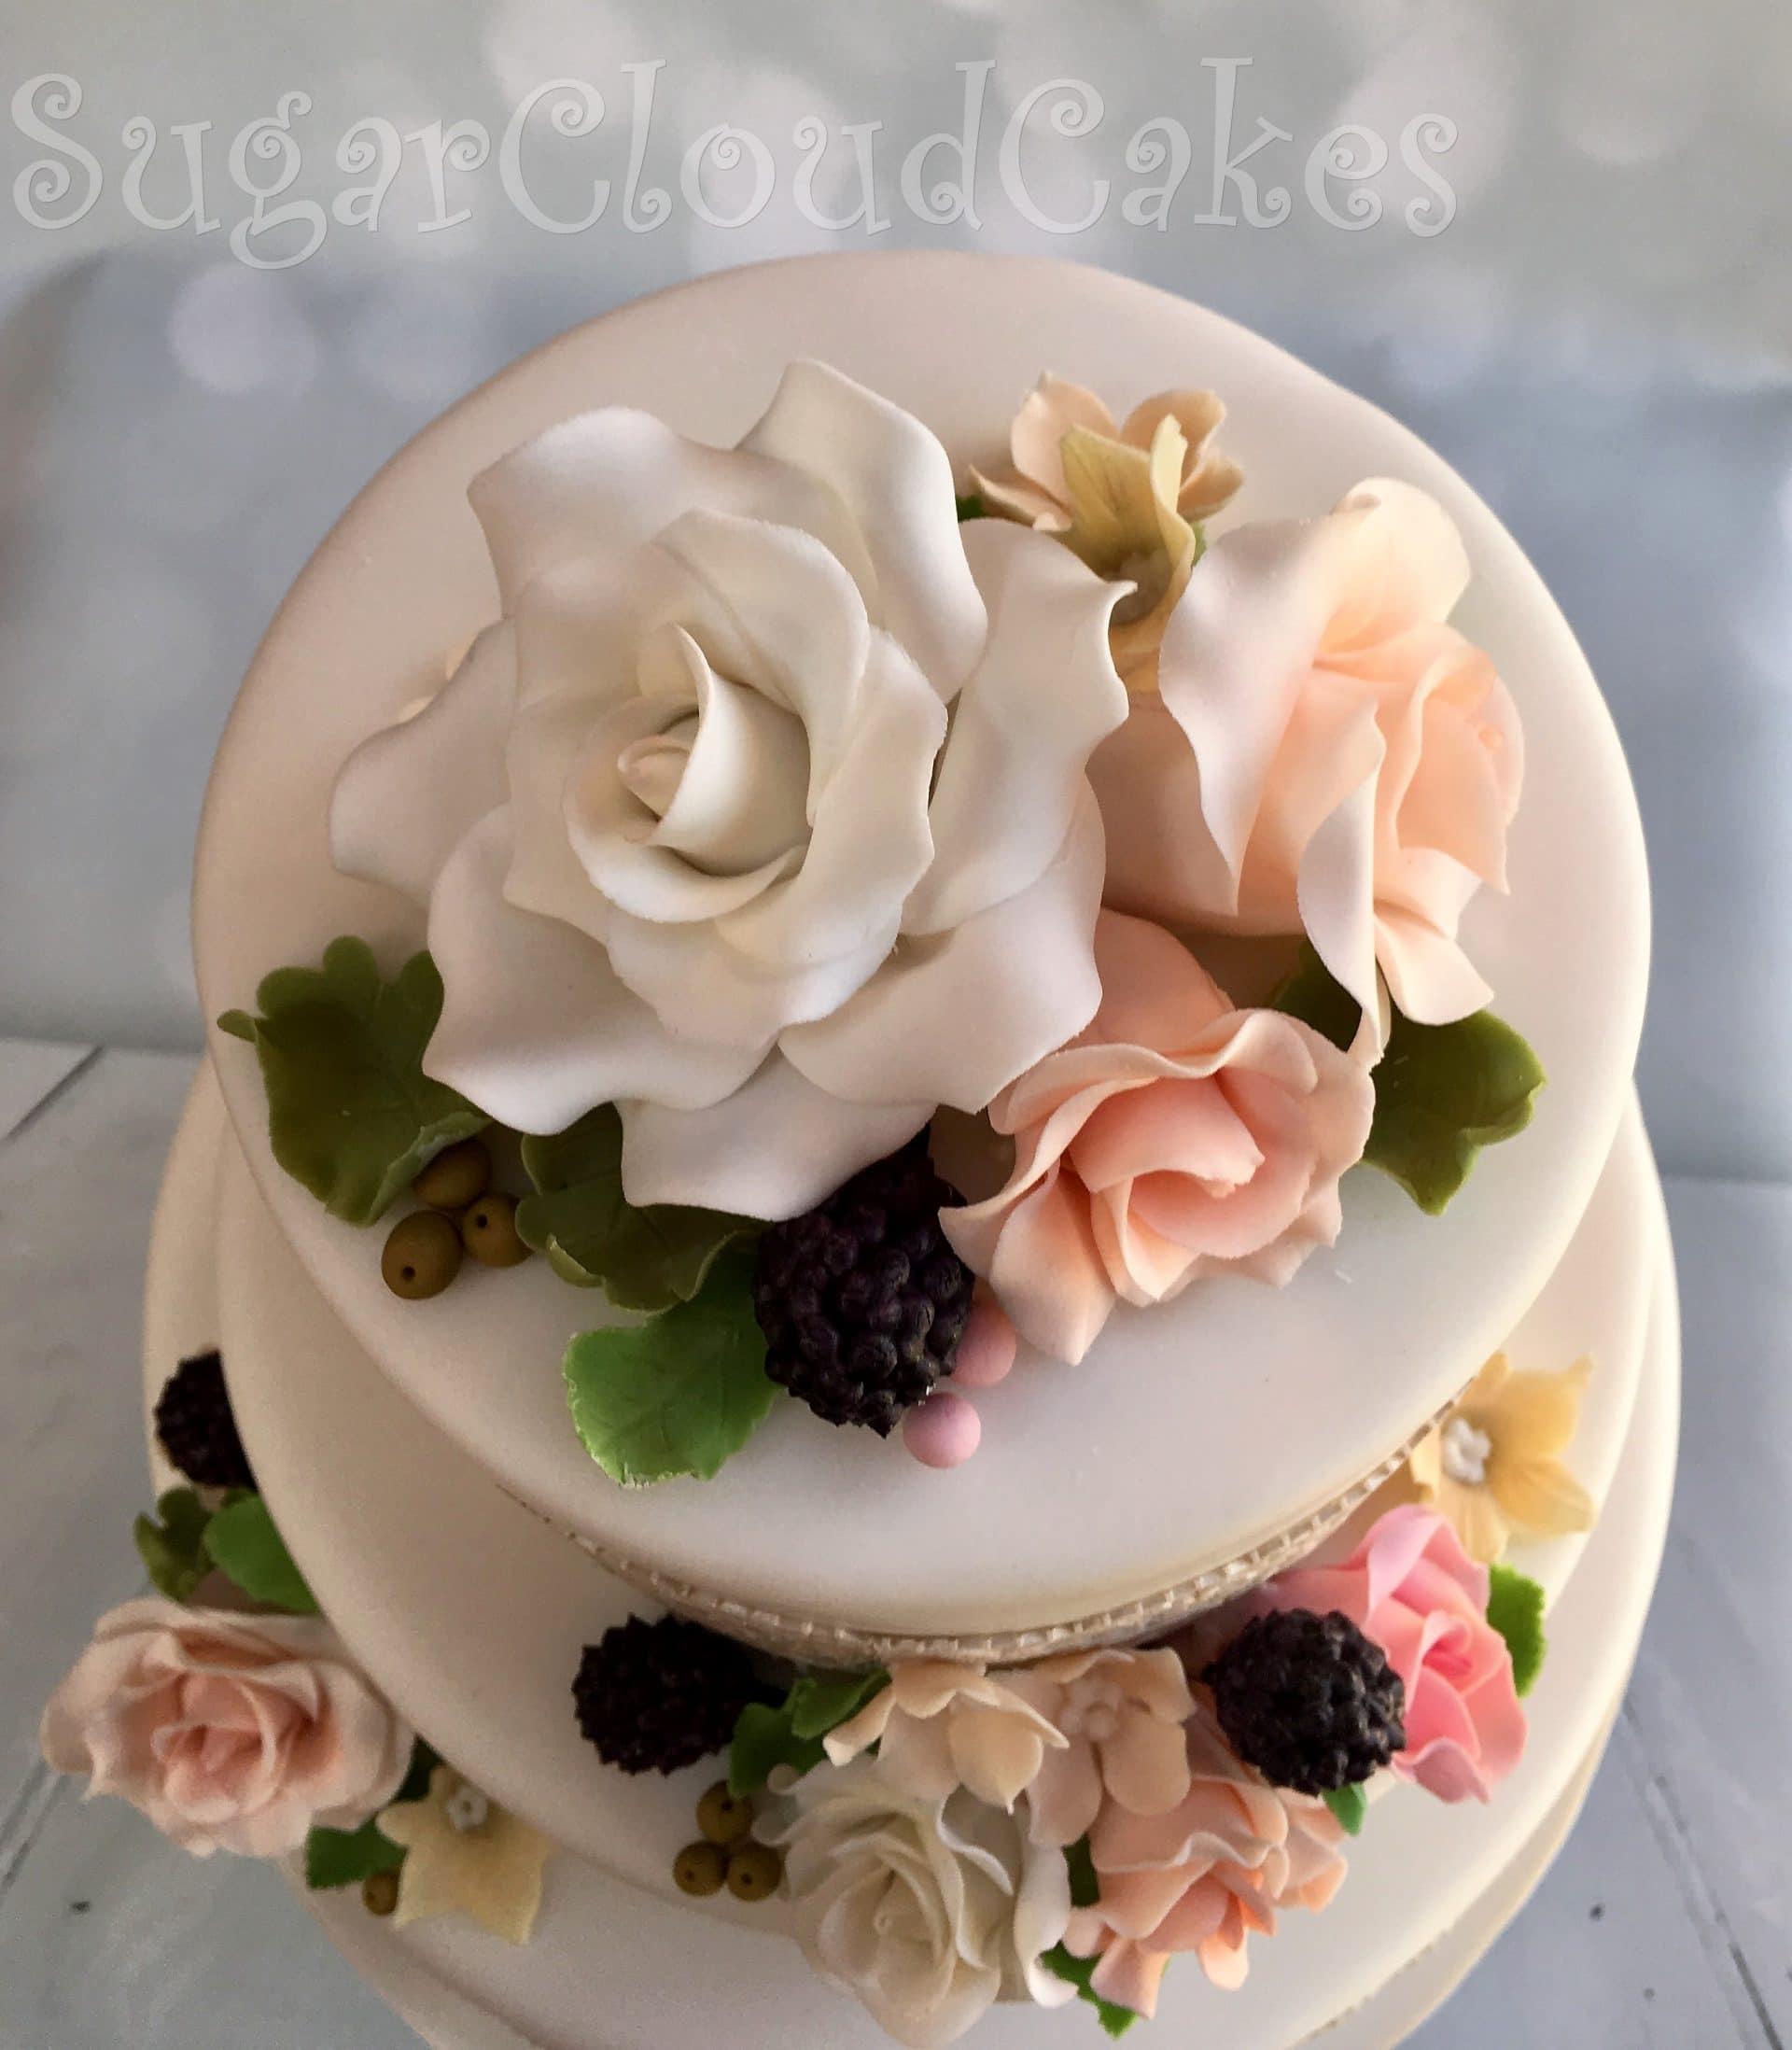 Wedding Cake - Crewe Hall, Cheshire